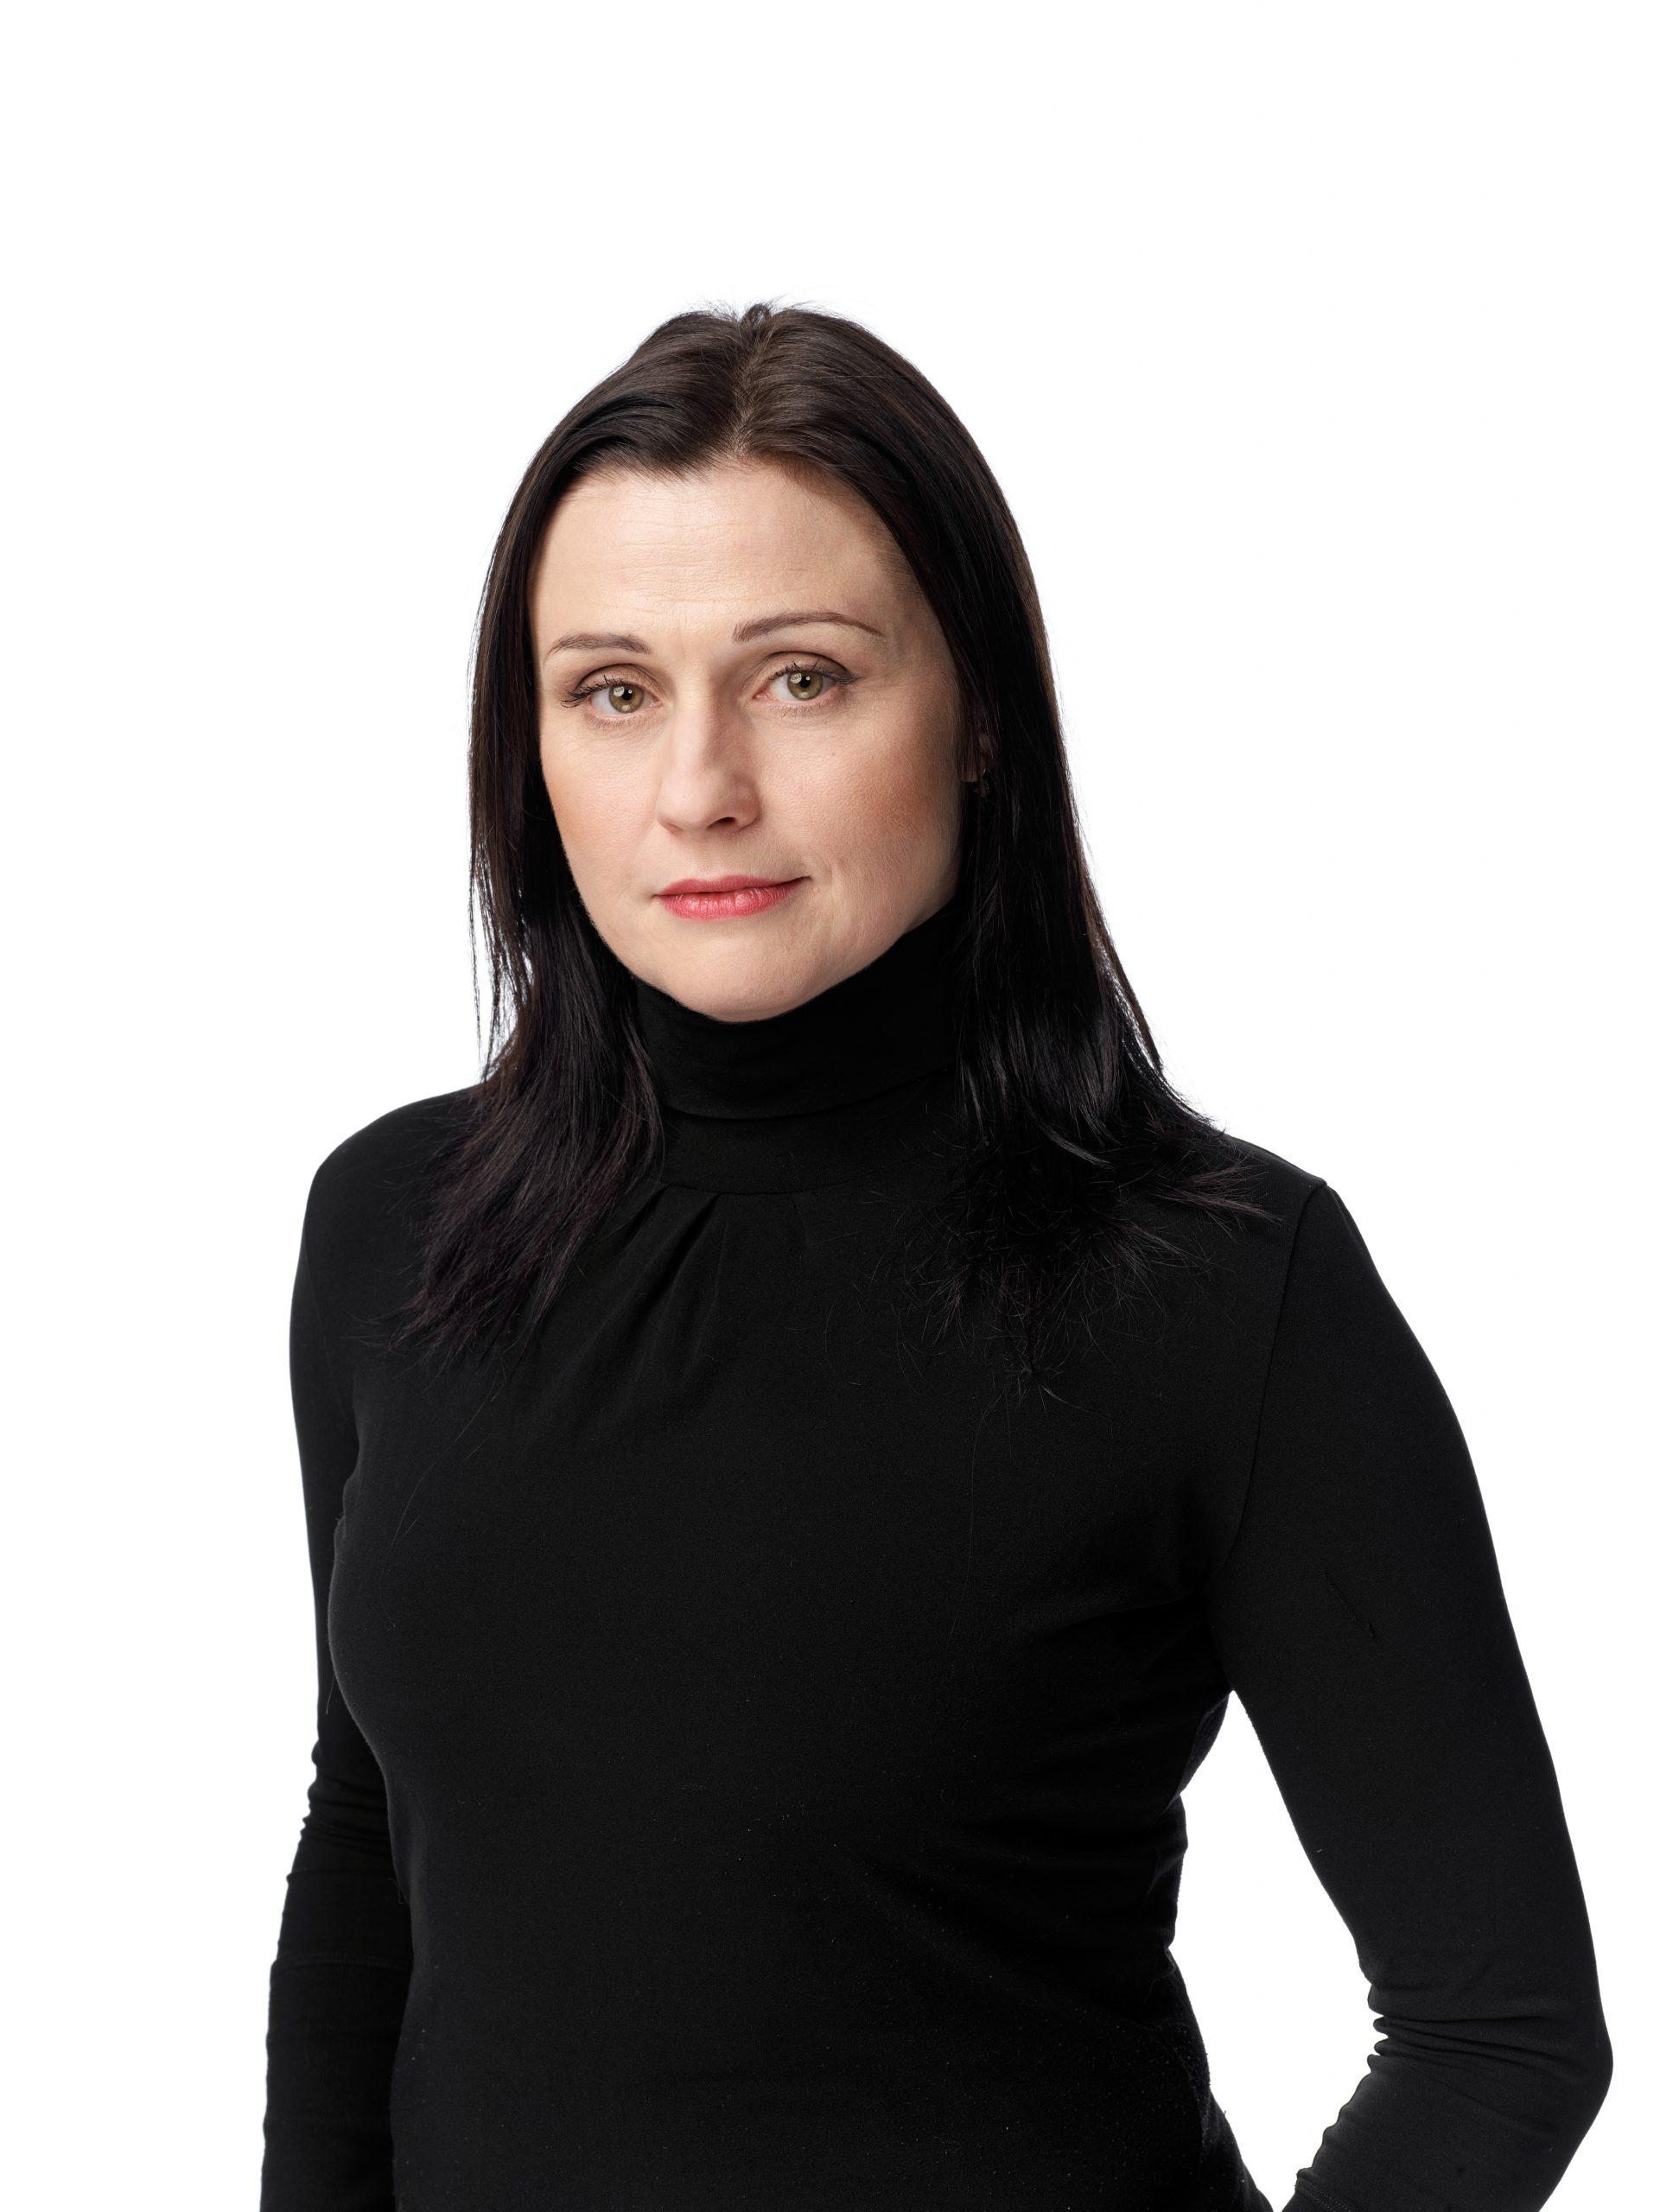 Hana Tomáš Briešťanská